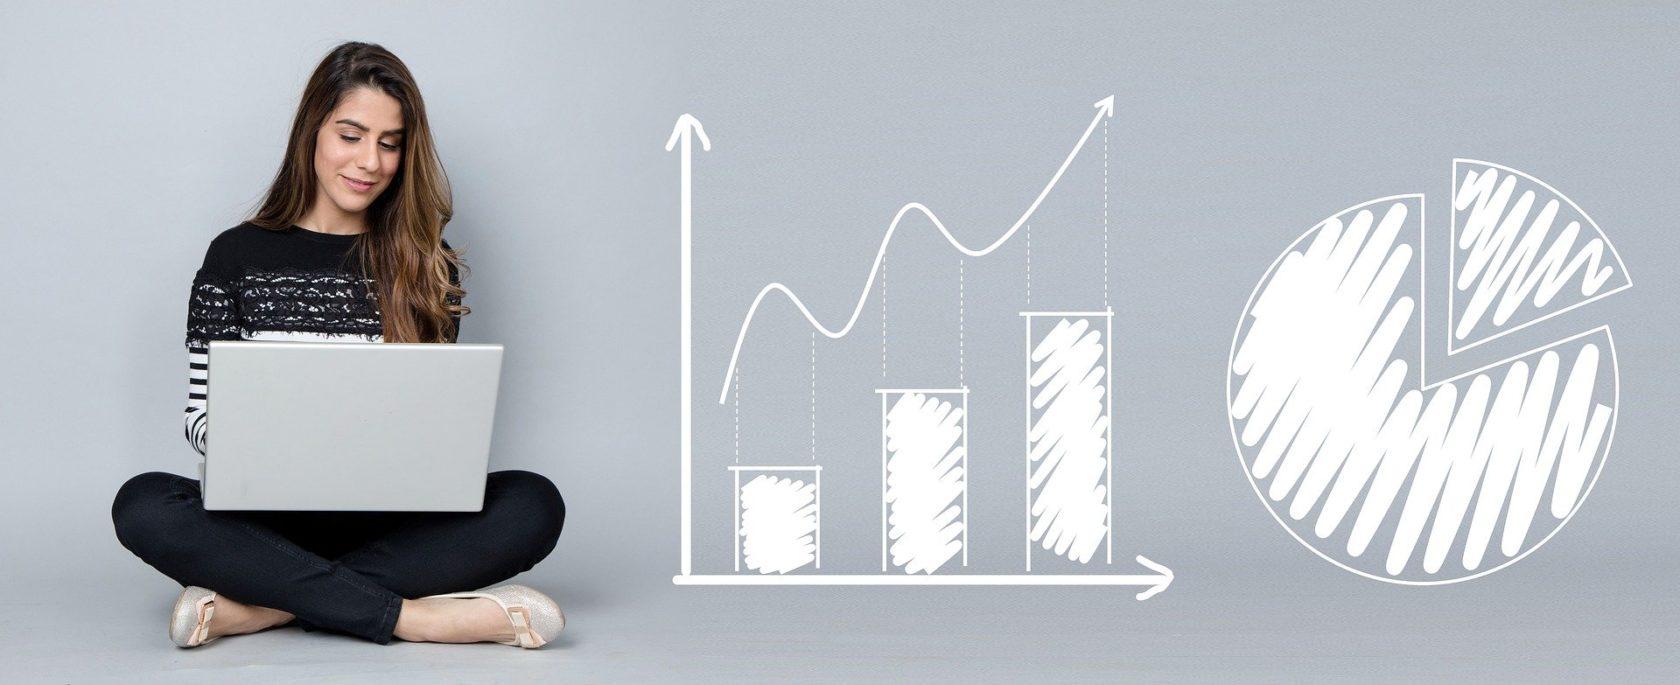 Come iniziare a investire?